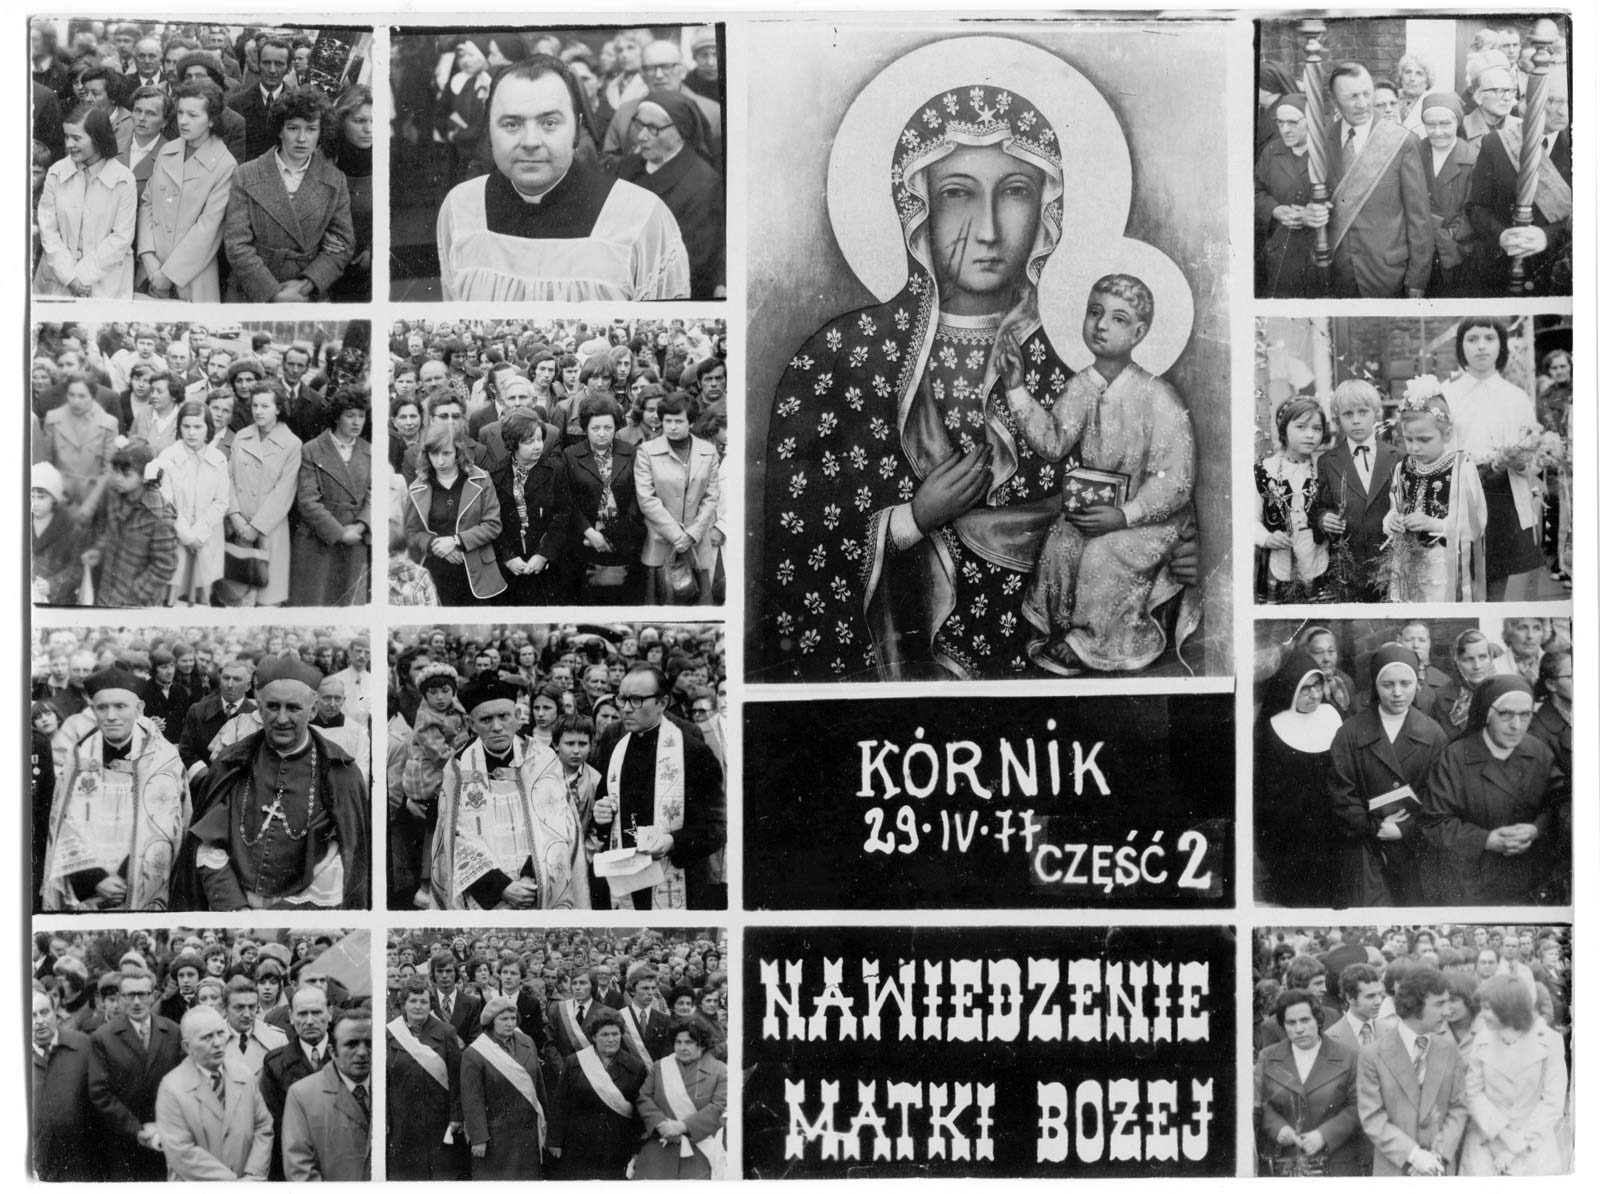 Pamiątka Nawiedzenia Matki Boskiej Częstochowskiej - Kórnik 1977